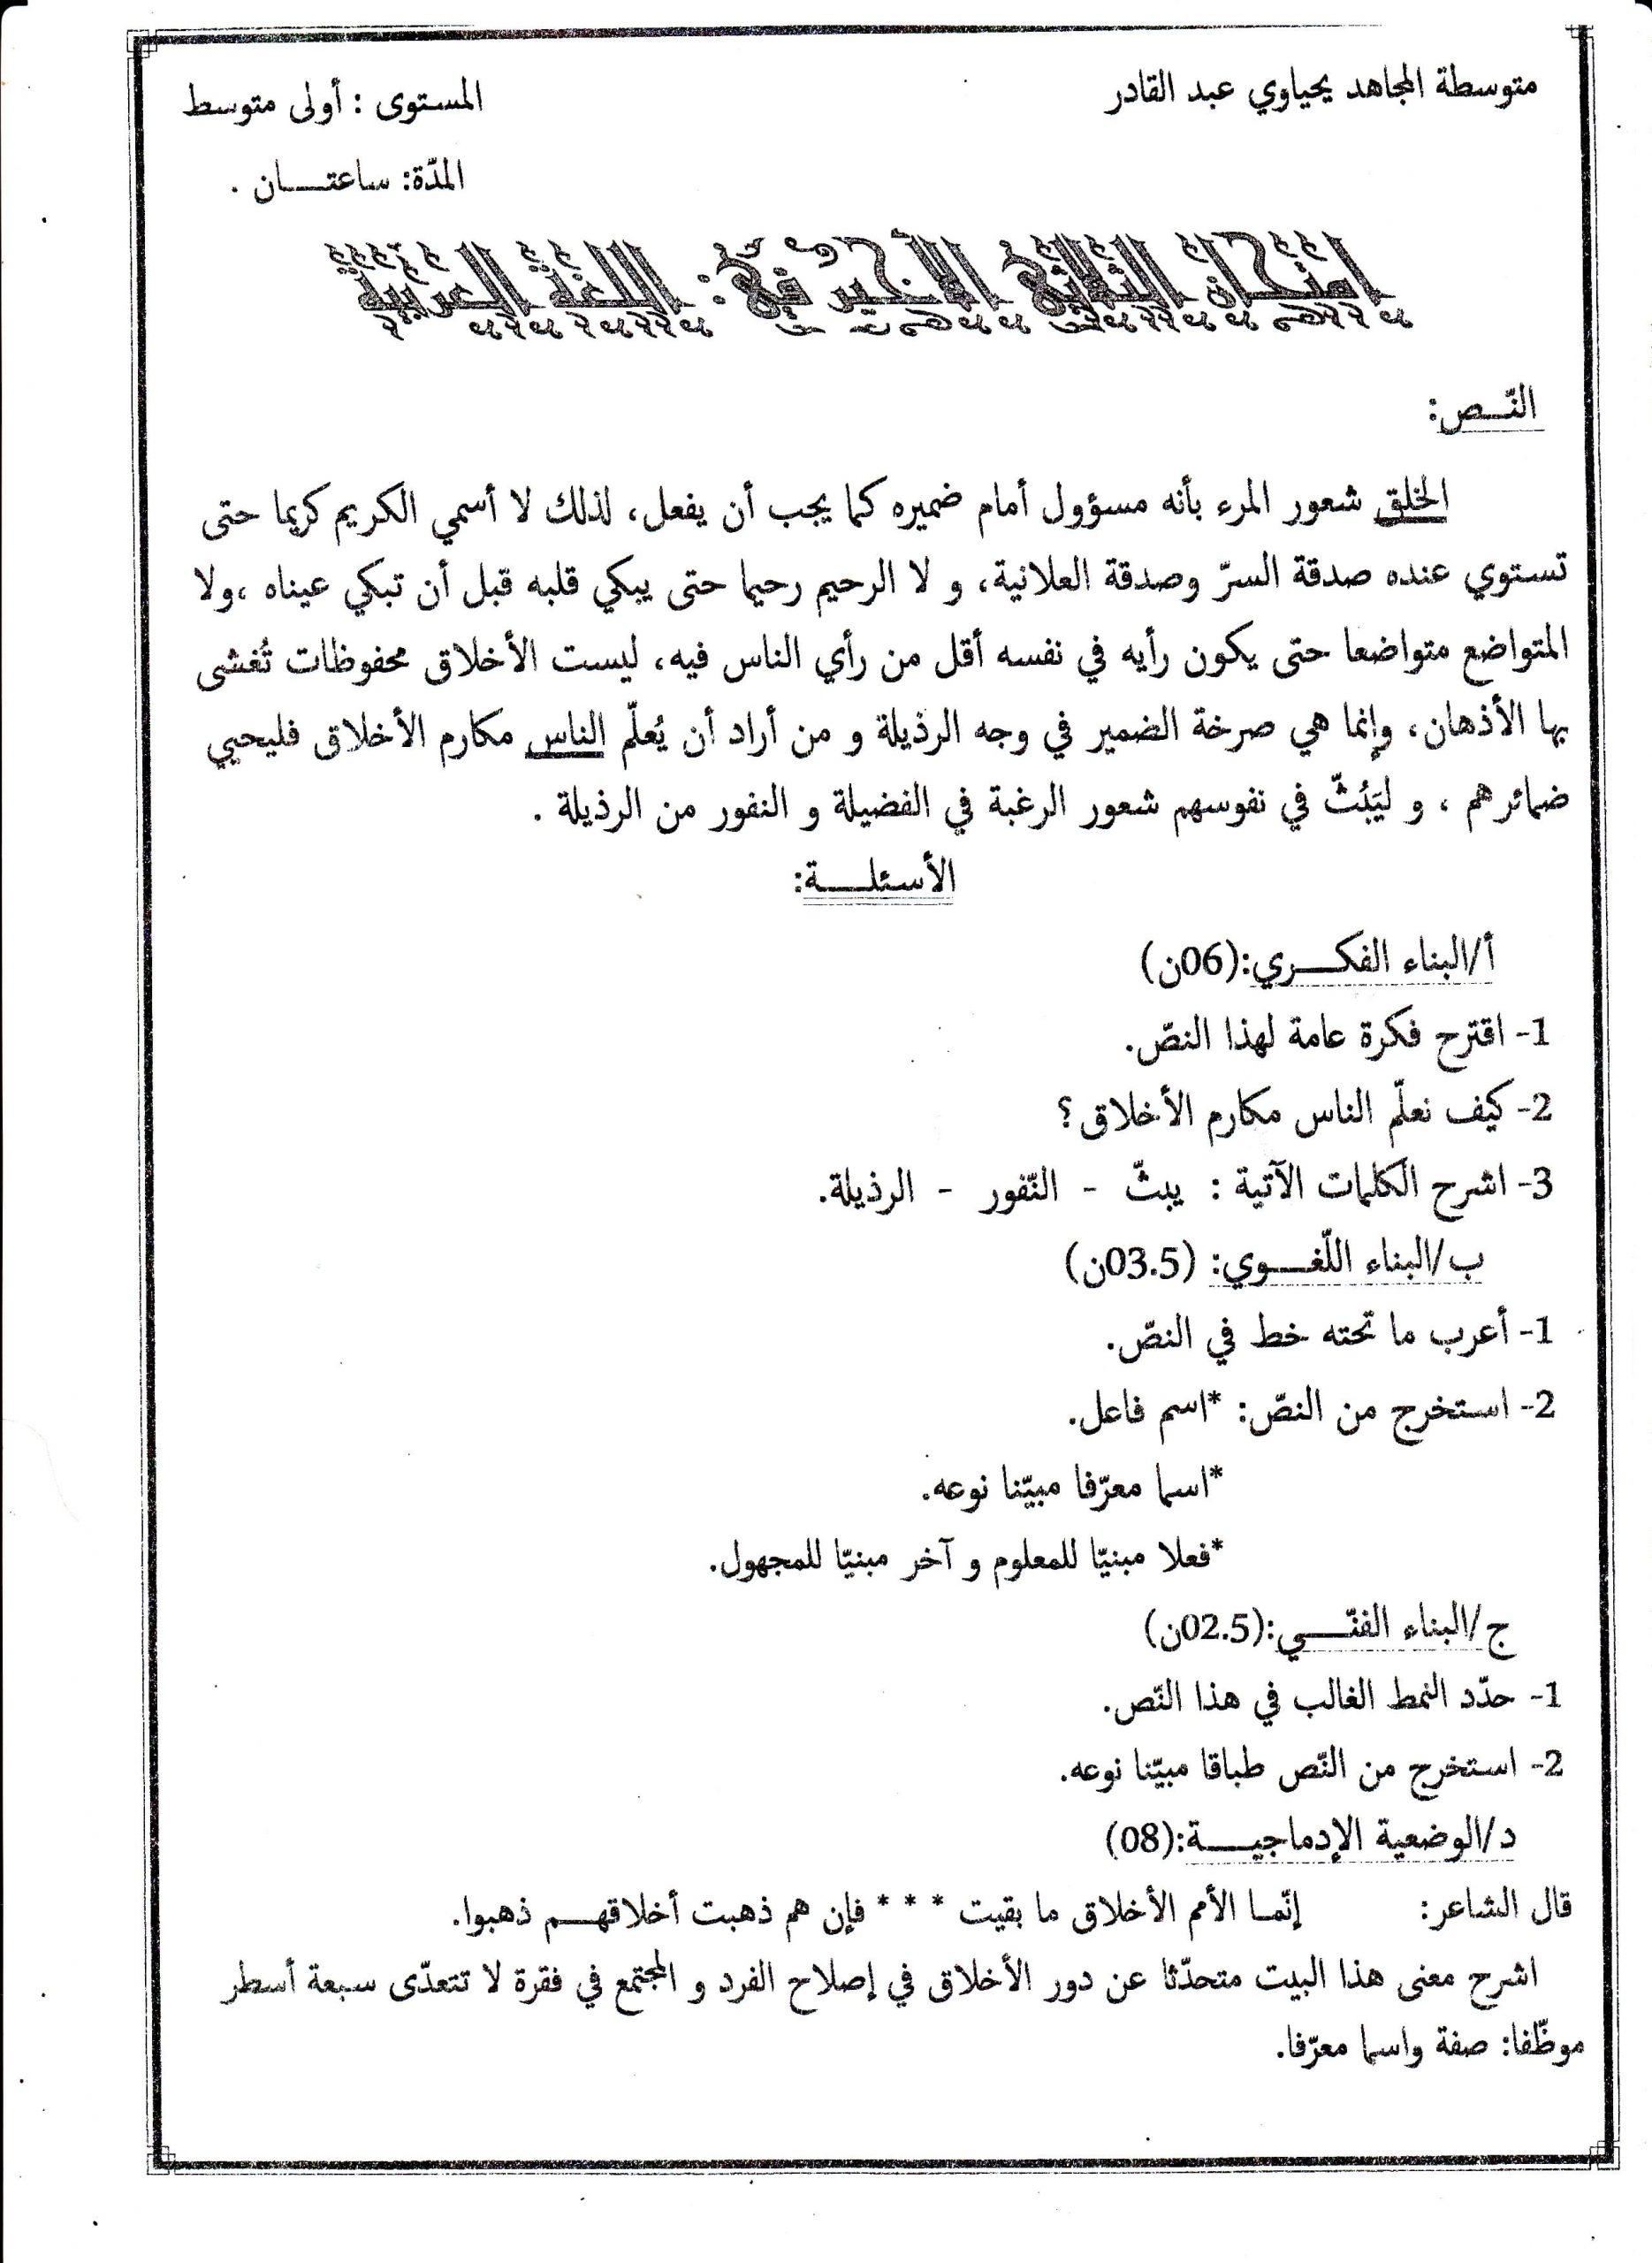 اختبار الفصل الثالث في اللغة العربية للسنة الأولى متوسط - الموضوع 03